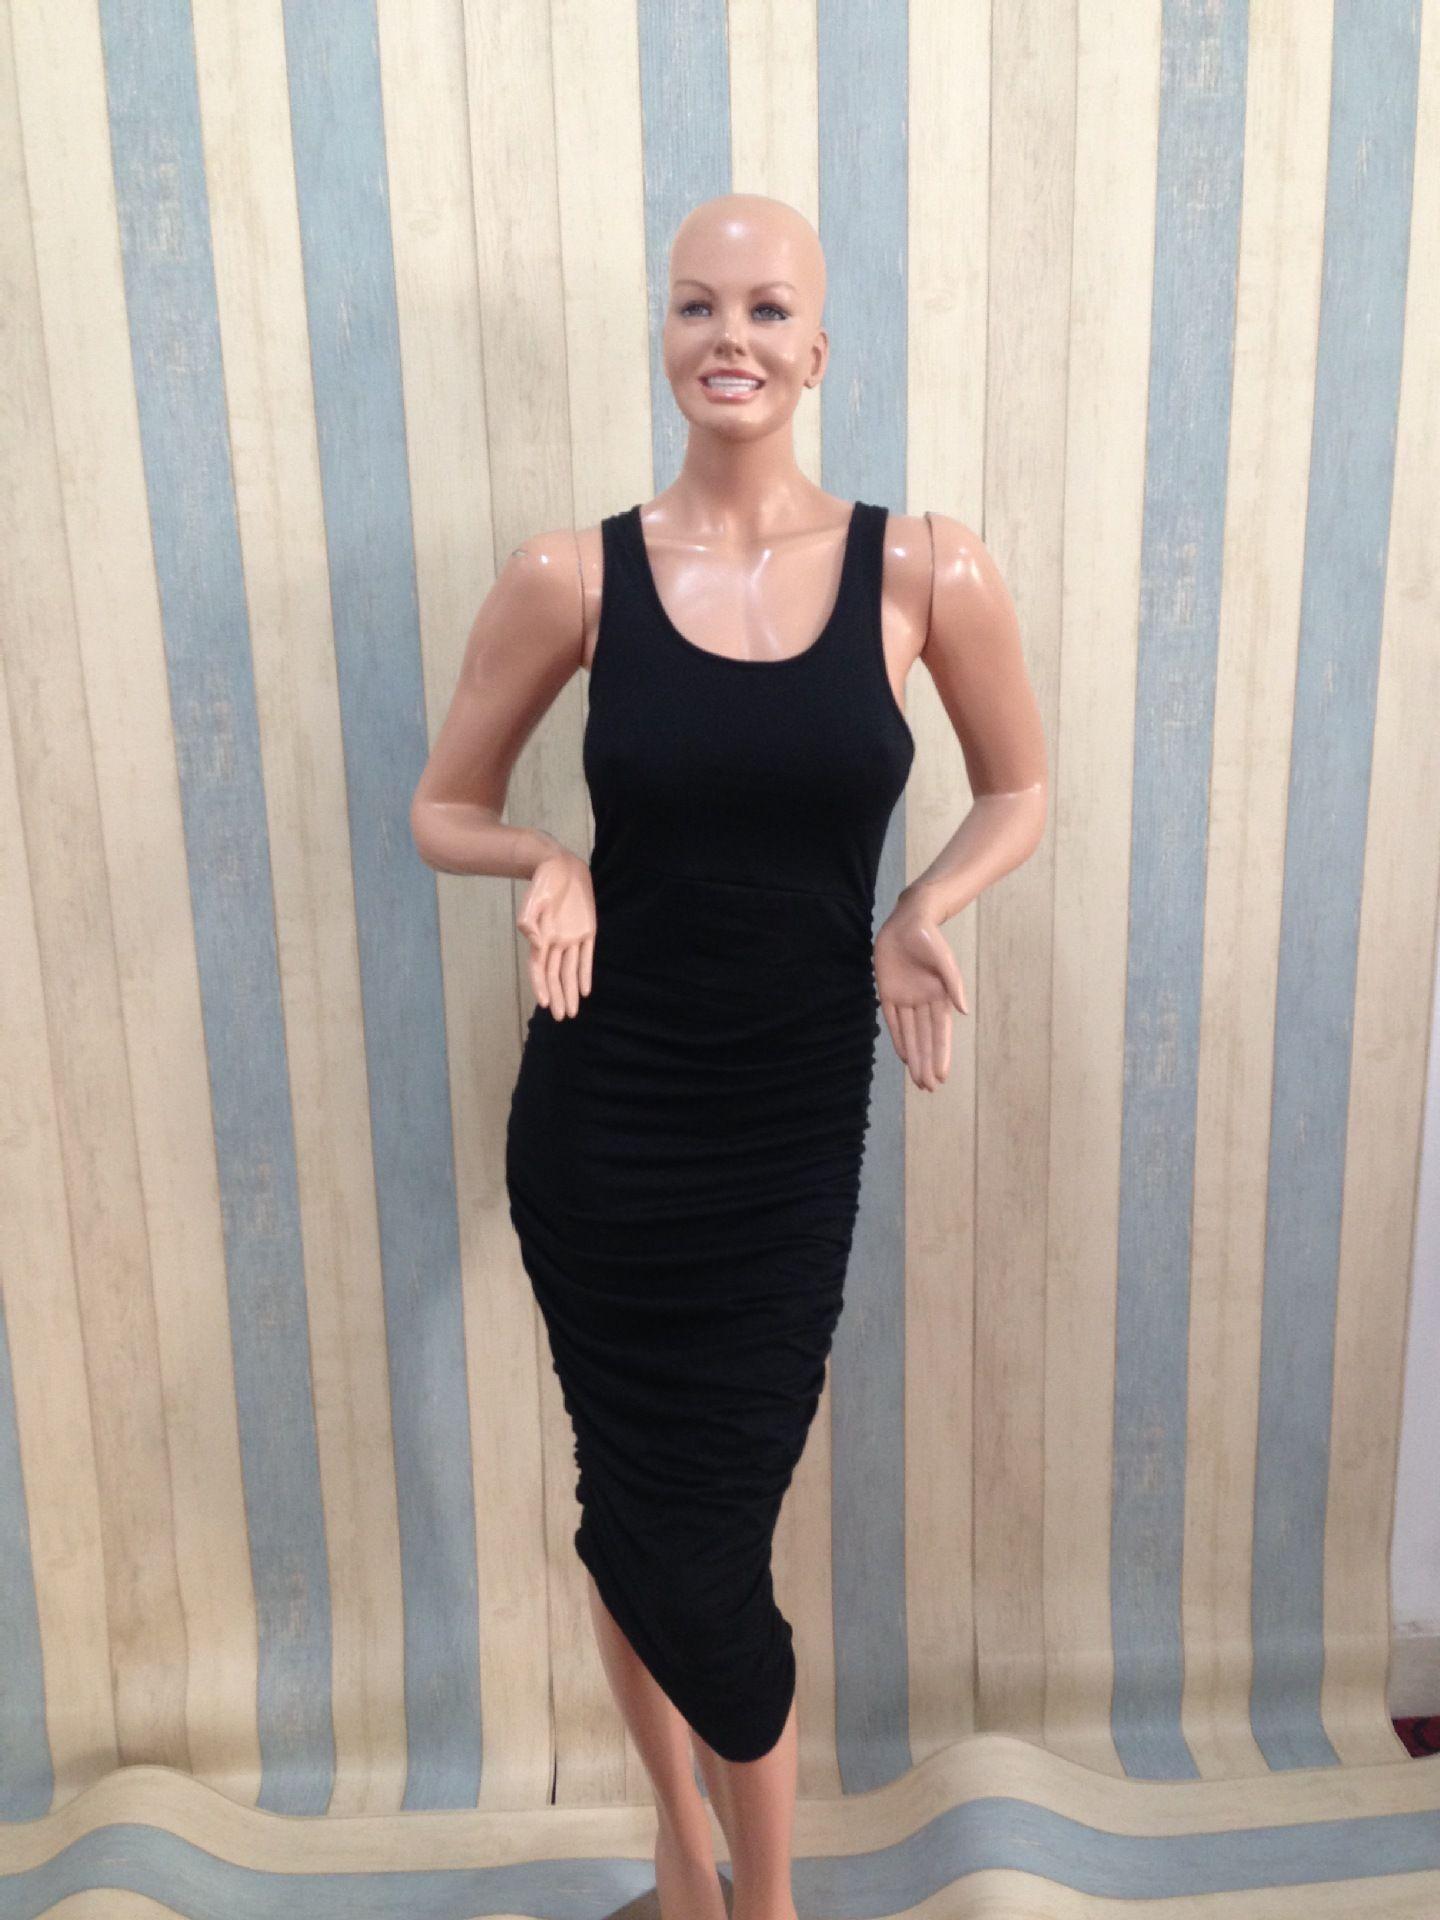 ブラックホワイトグレーグリーンベージュ夏スタイル女性コットンドレスロングプリーツトップセクシーな包帯カジュアルベストドレスマキシサイズs m l